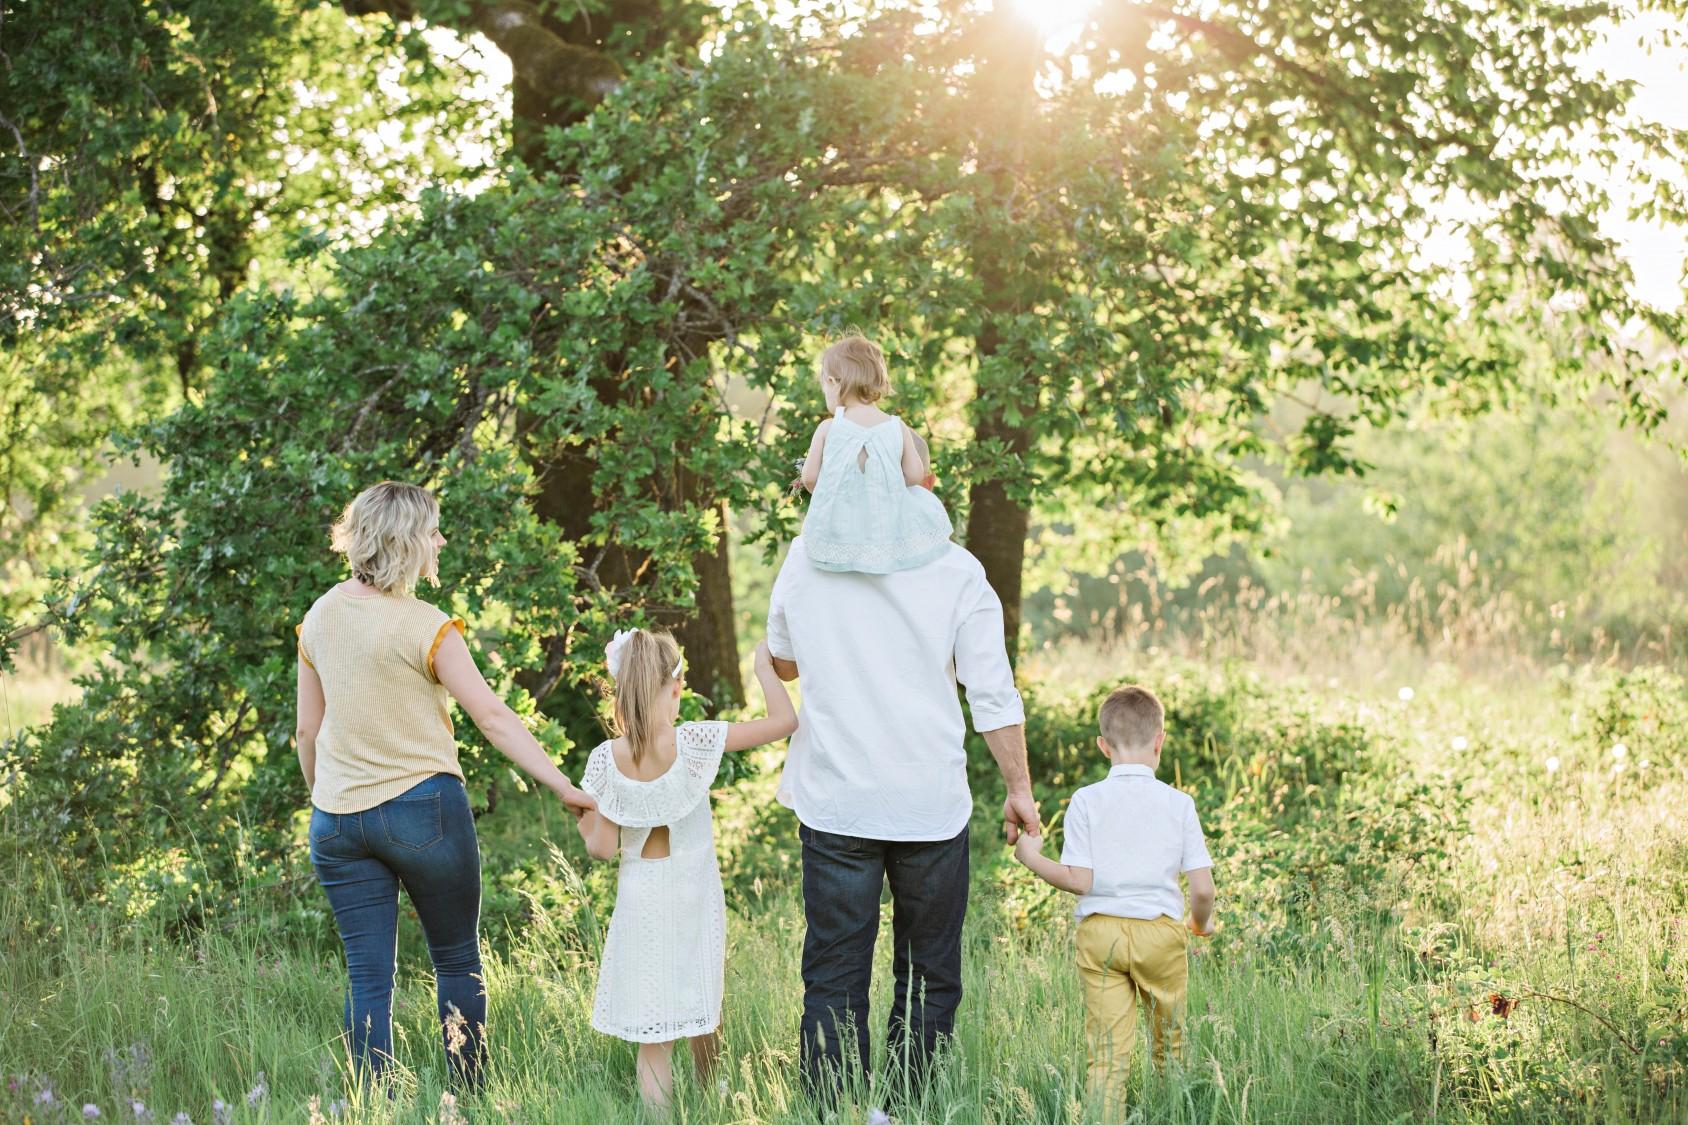 Perhe kävelee auringonpaisteessa.